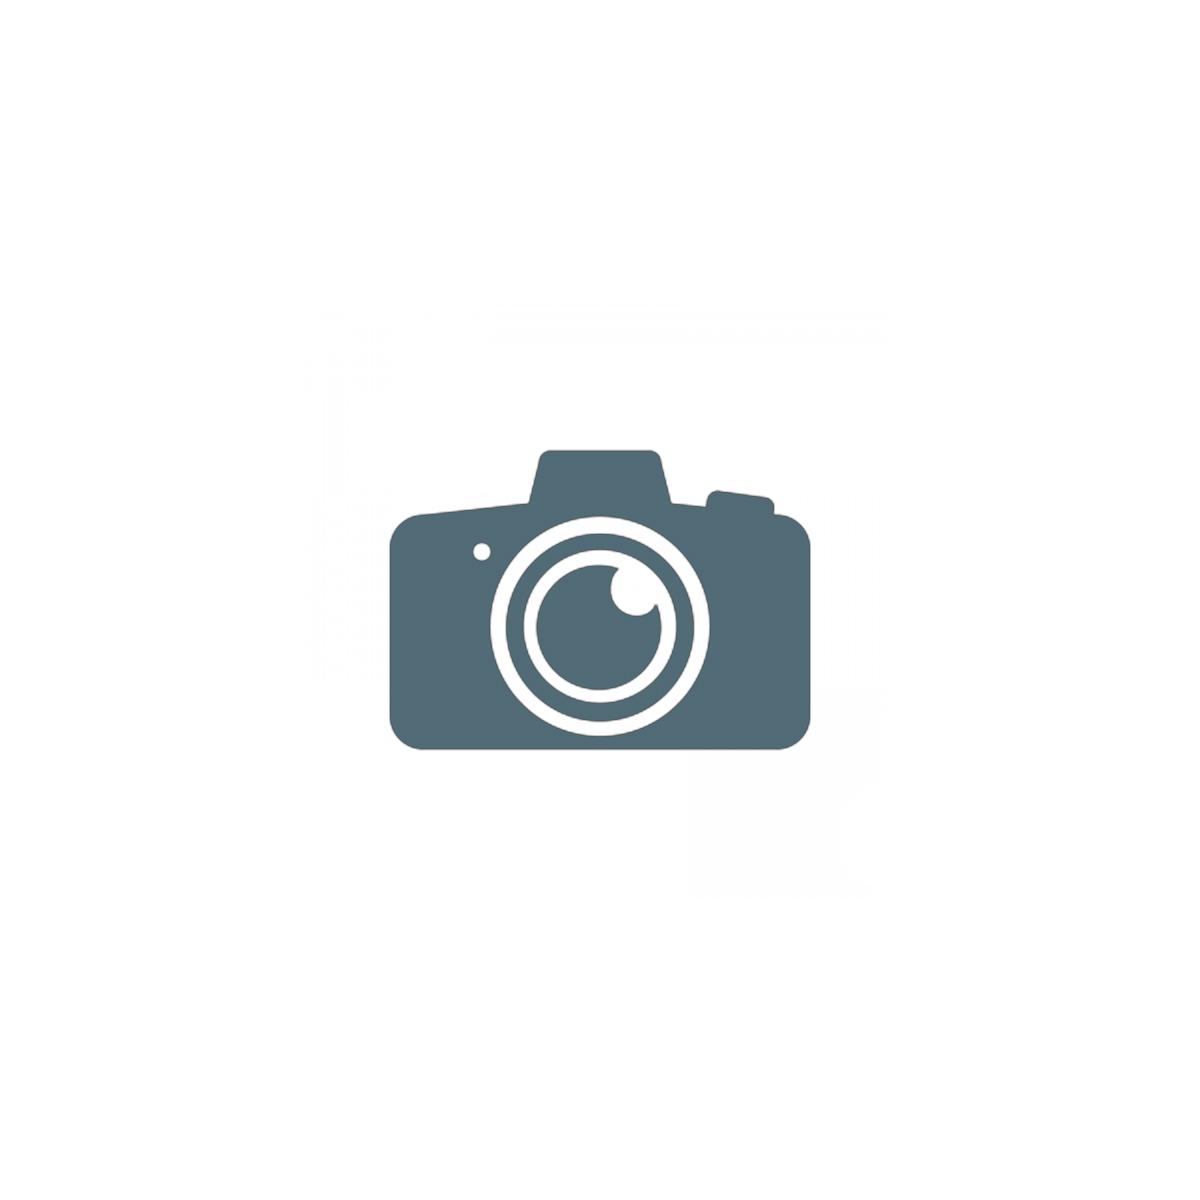 camerabig.jpg